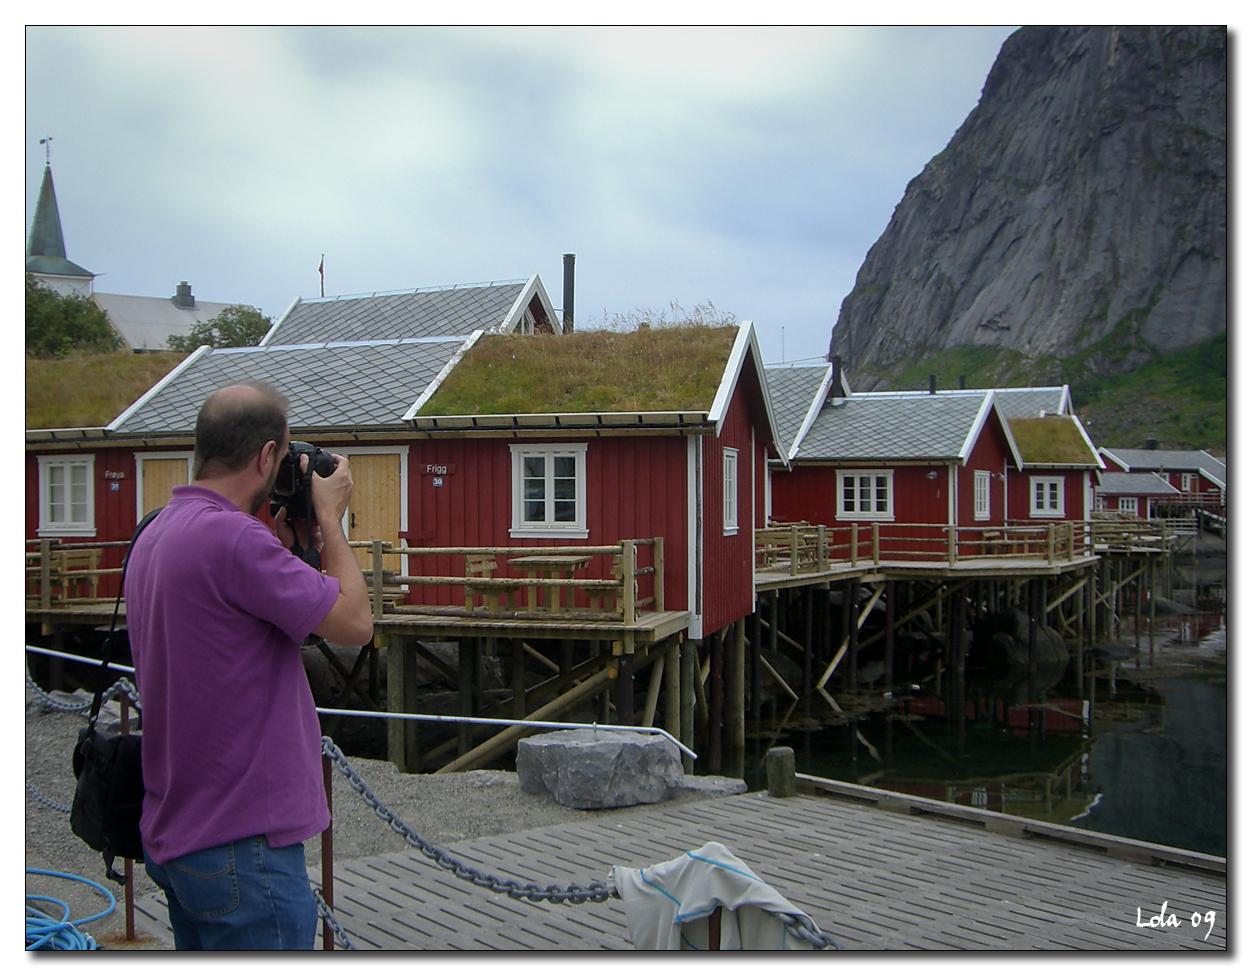 Lofoten - Nusfjord 1